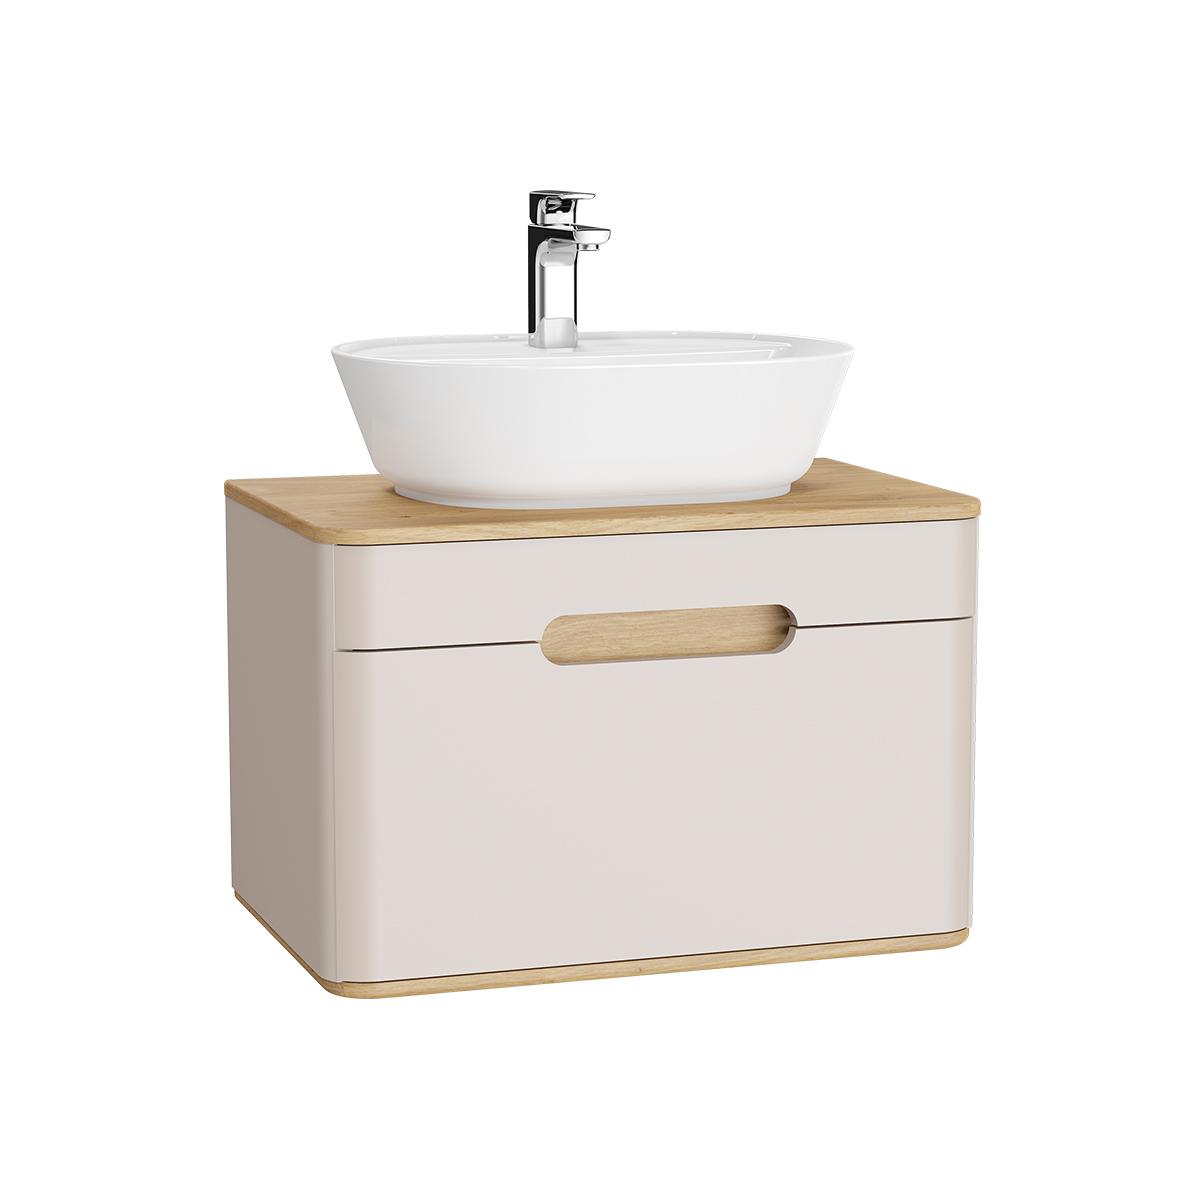 Sento Waschtischunterschrank, 70 cm, für Aufsatzwaschtische, mit 1 Vollauszug, Crème Matt